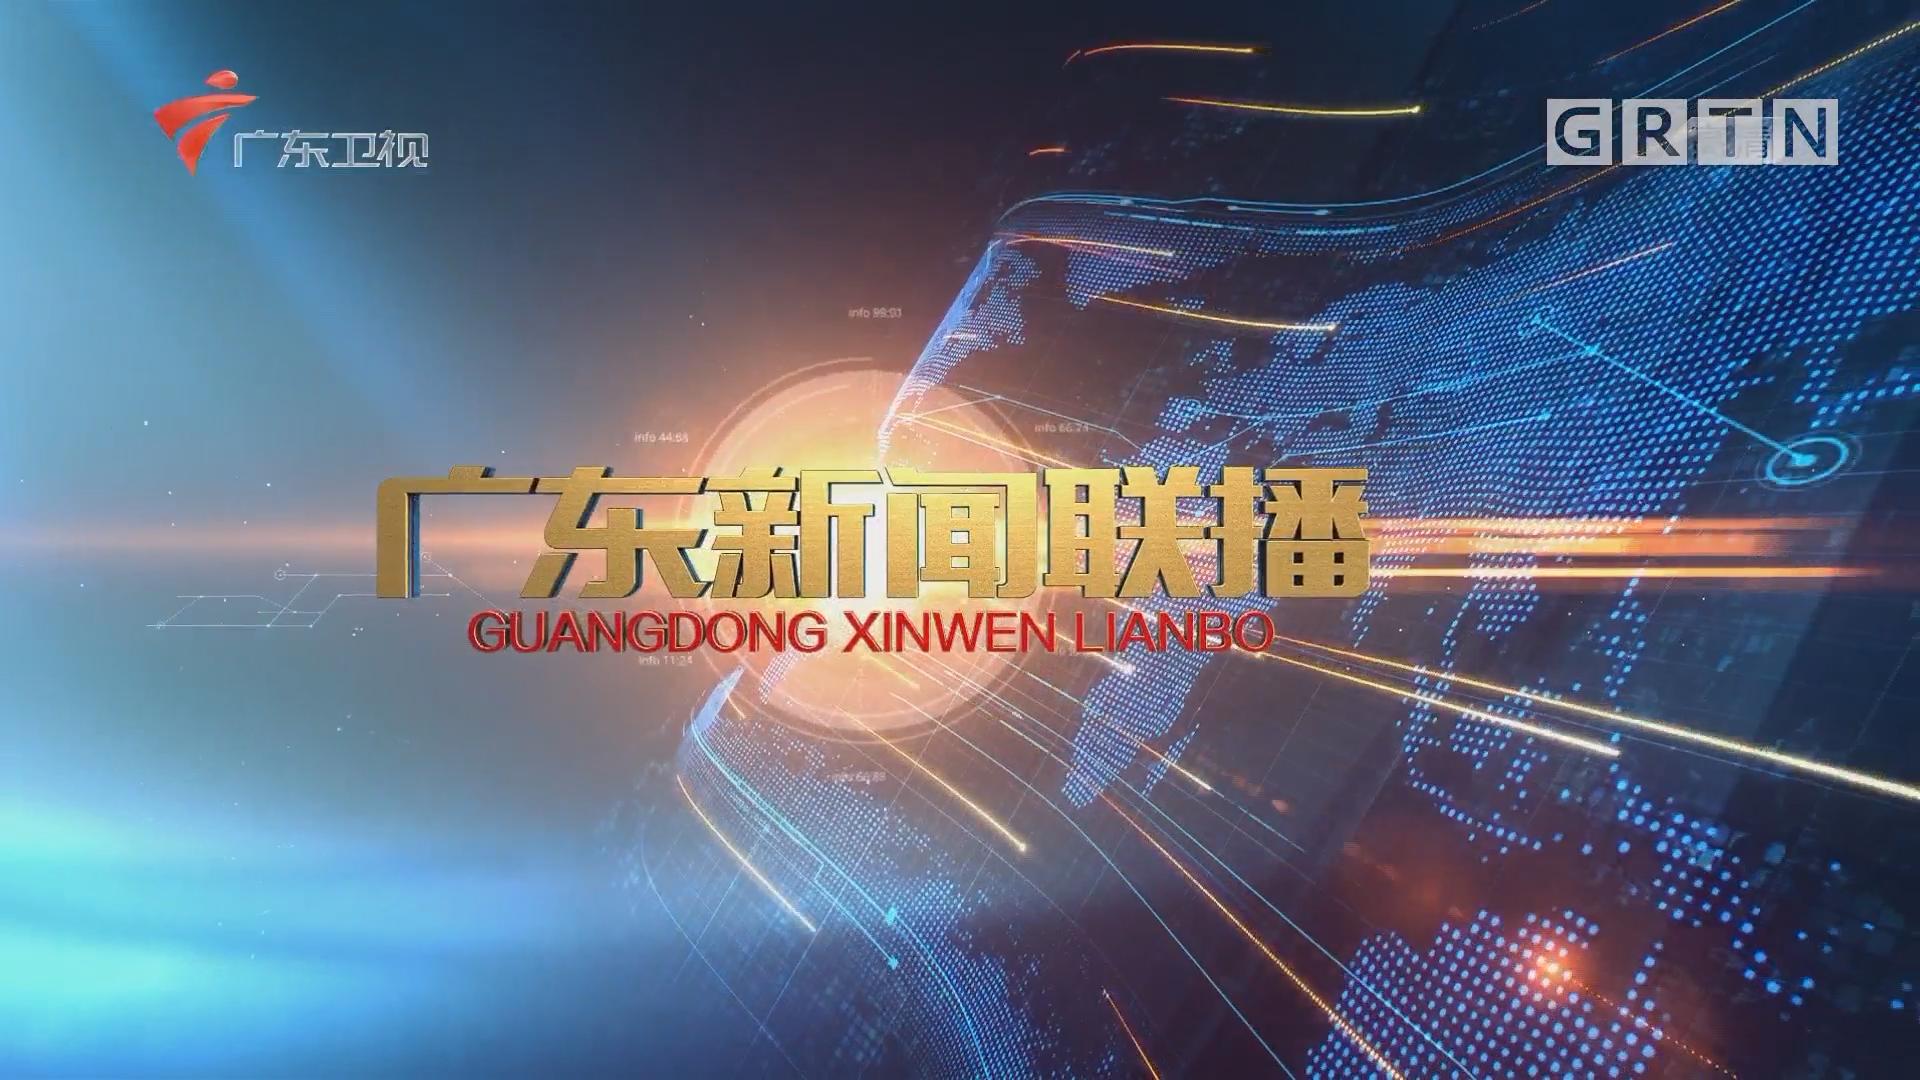 [HD][2019-03-12]广东新闻联播:十三届全国人大二次会议举行第三次全体会议